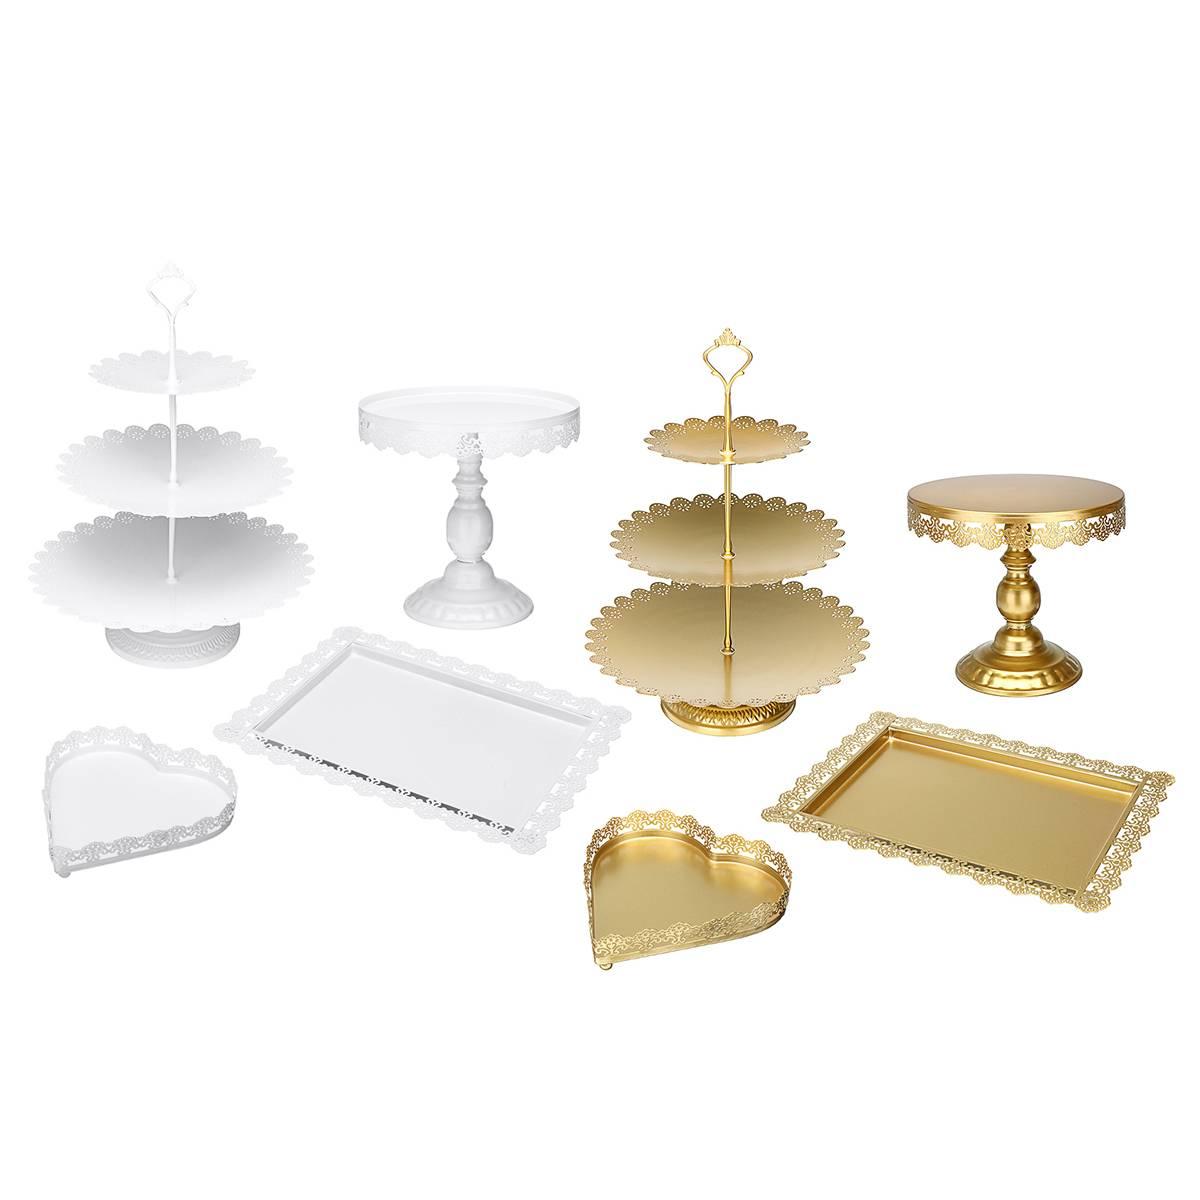 Haute qualité gâteau Stand Dessert Table de mariage fête douche événement fournisseur doux Table support de gâteau décoration 4 pièces dans l'ensemble